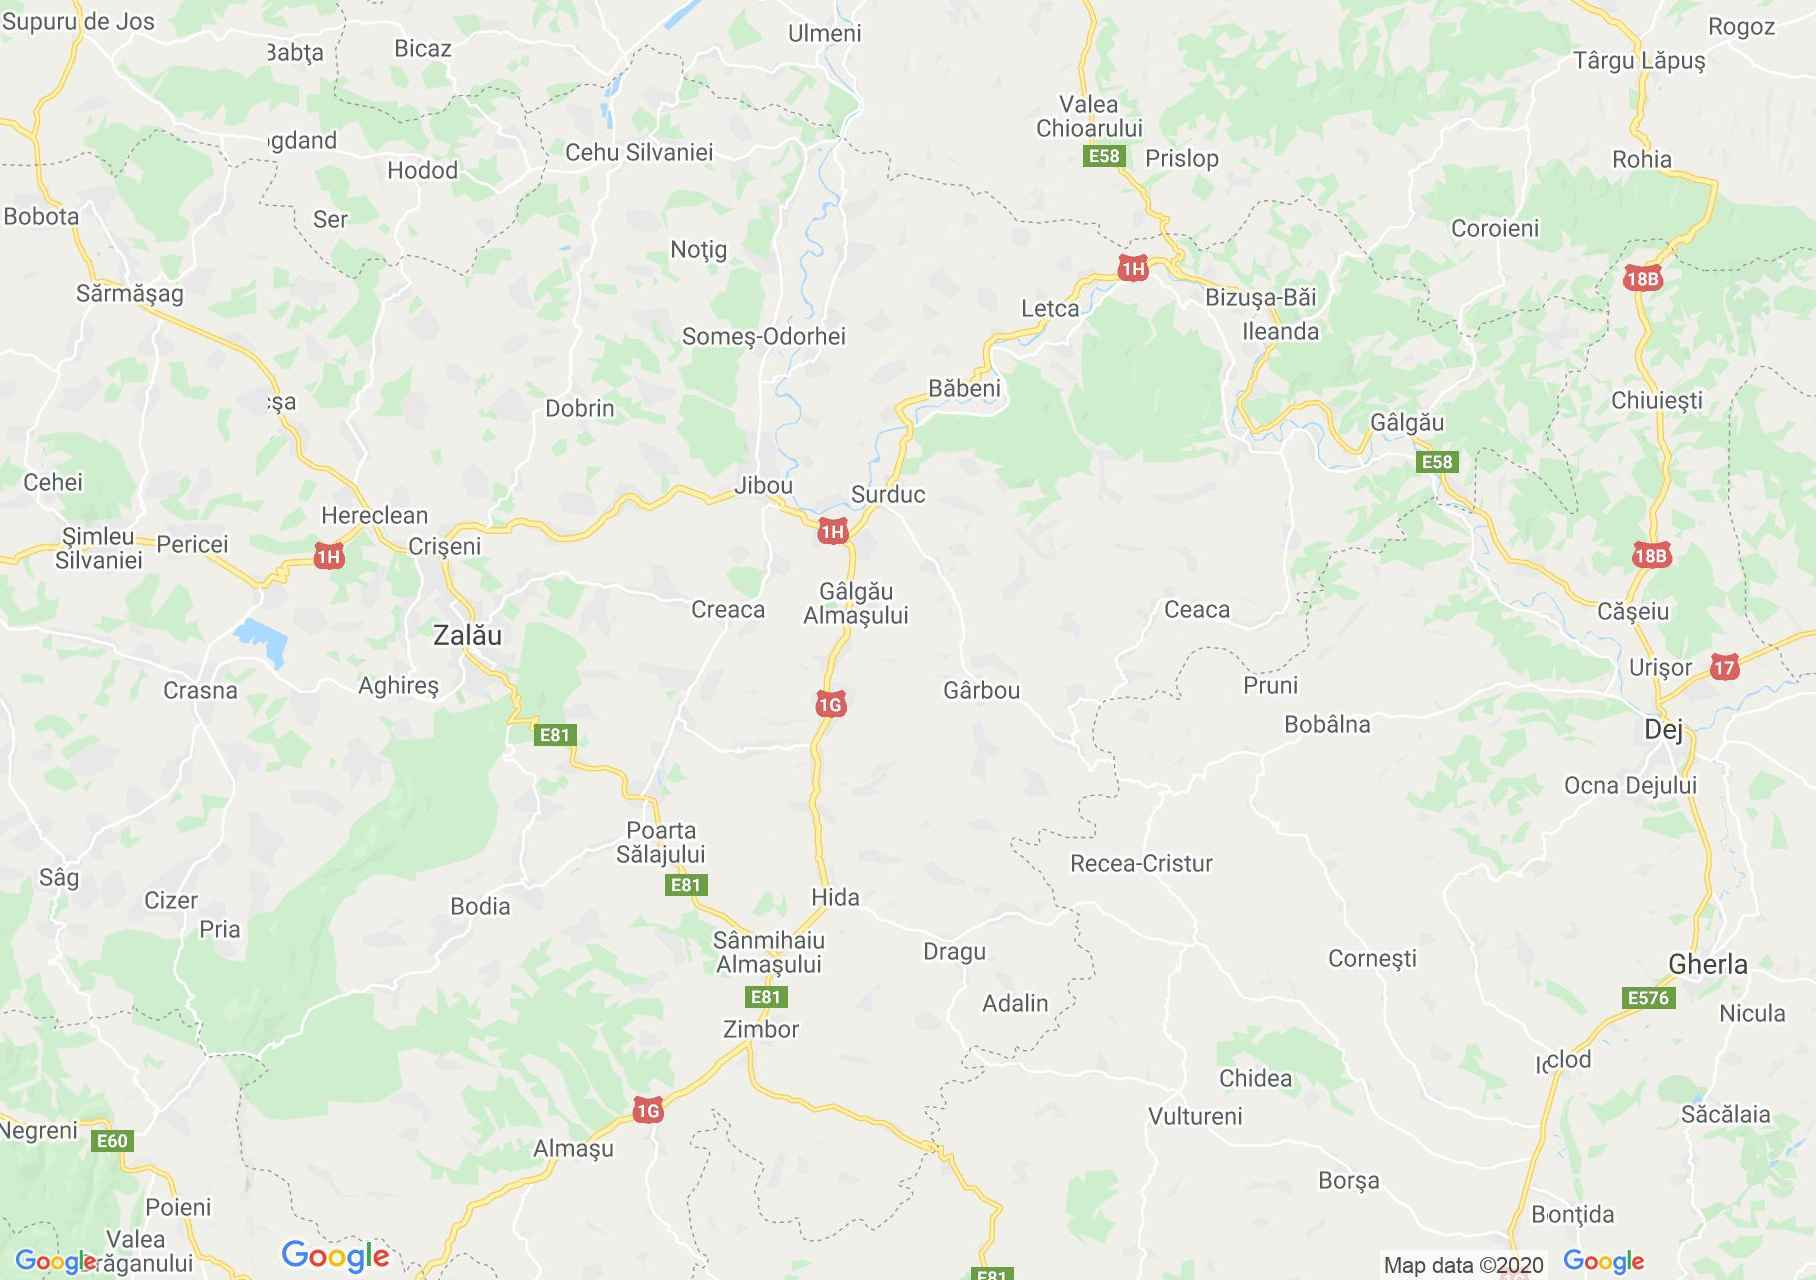 Szilágy megye: (Zilah) interaktív turista térképe.